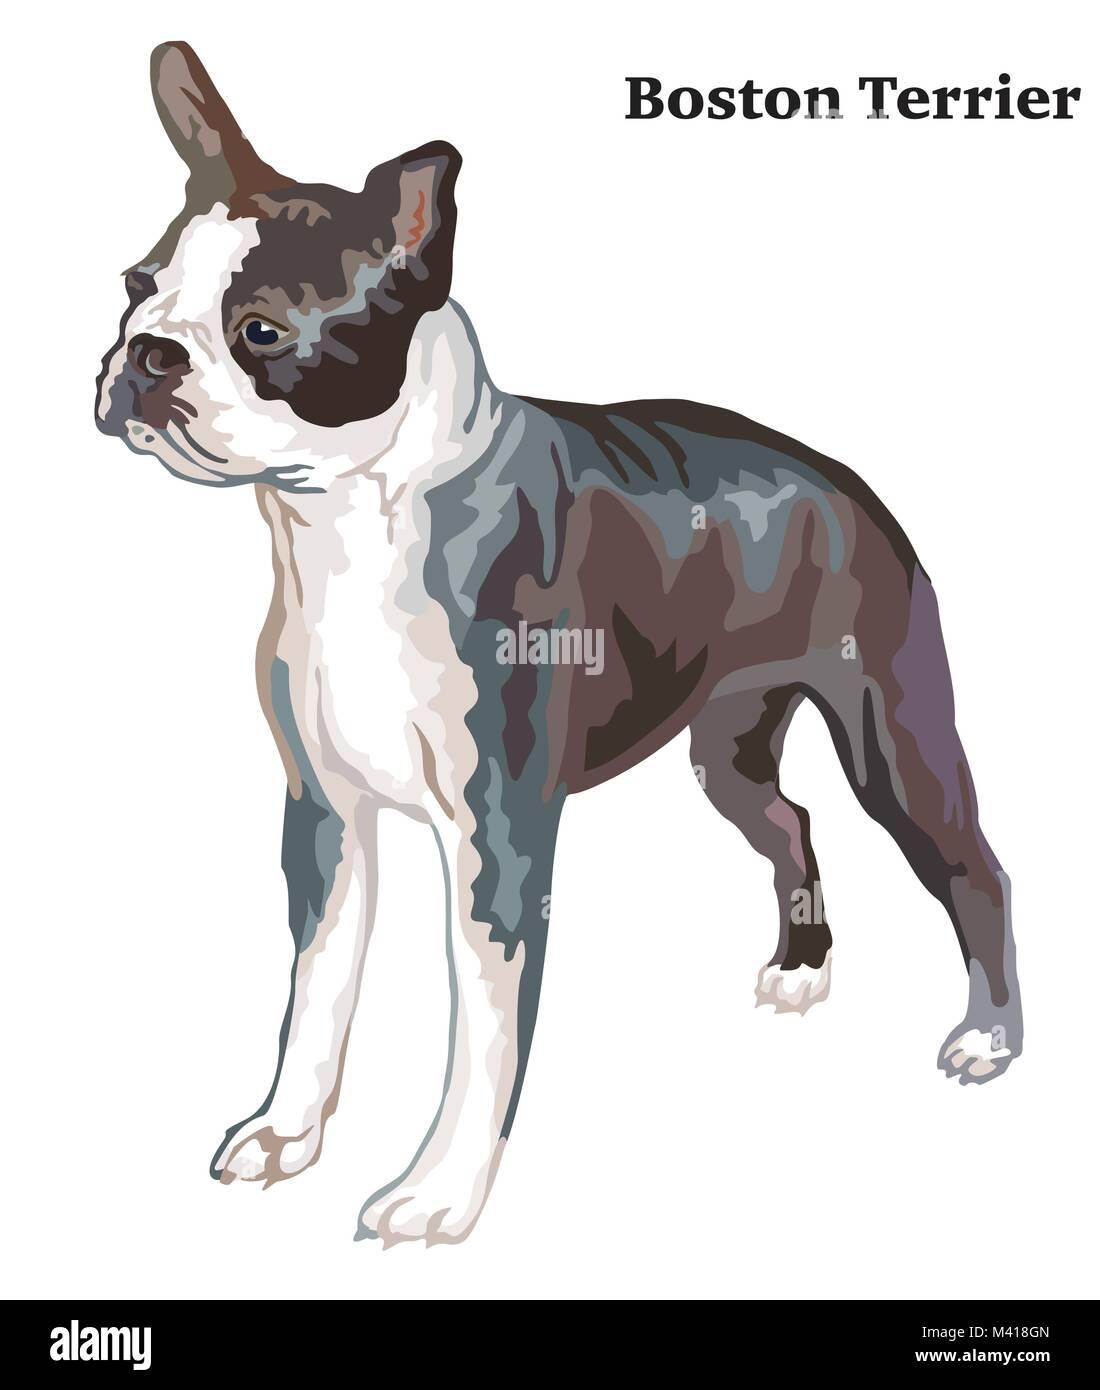 Boston Terrier Dog Vector Vectors Imágenes De Stock & Boston Terrier ...